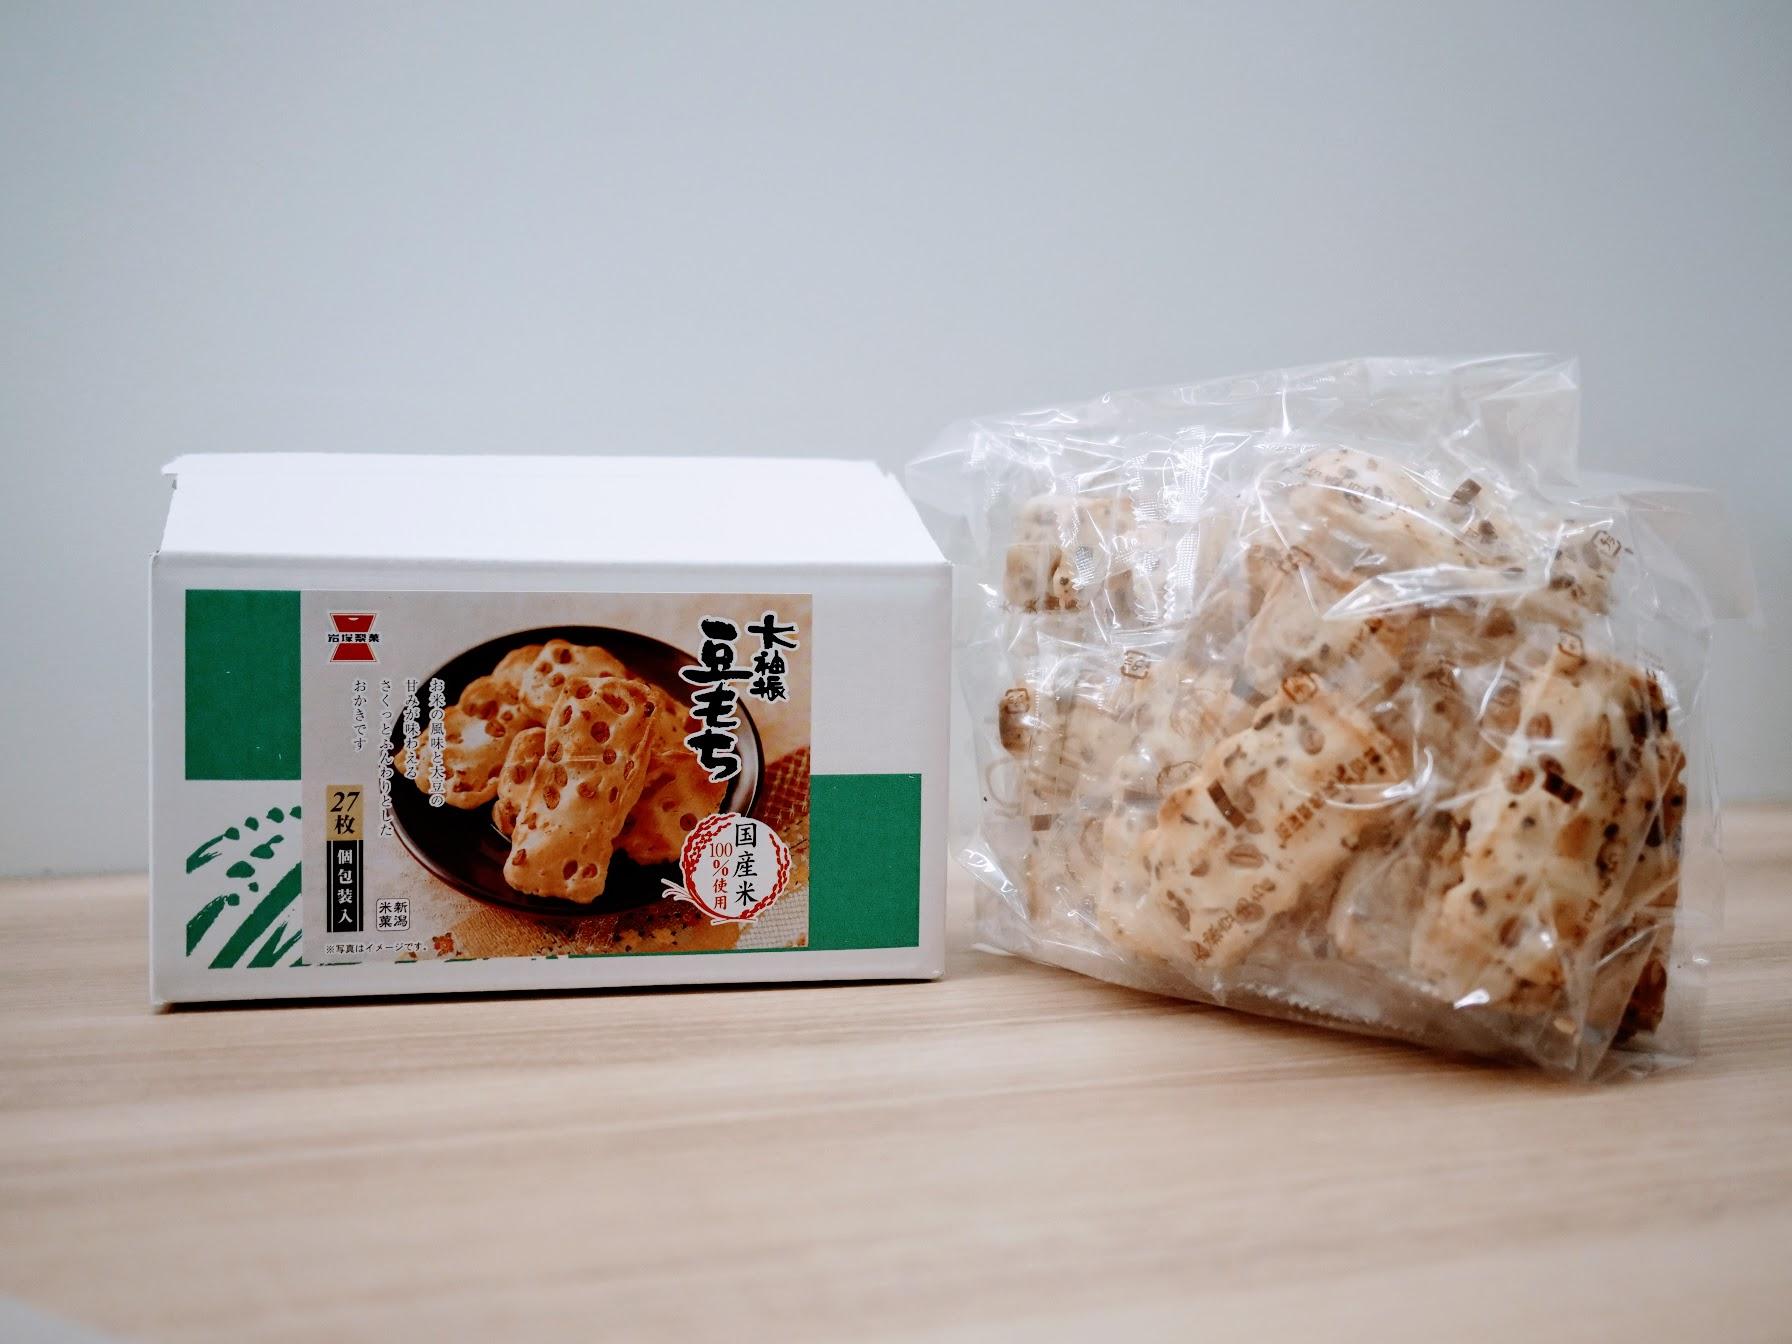 岩塚製菓の「大袖振豆もち」